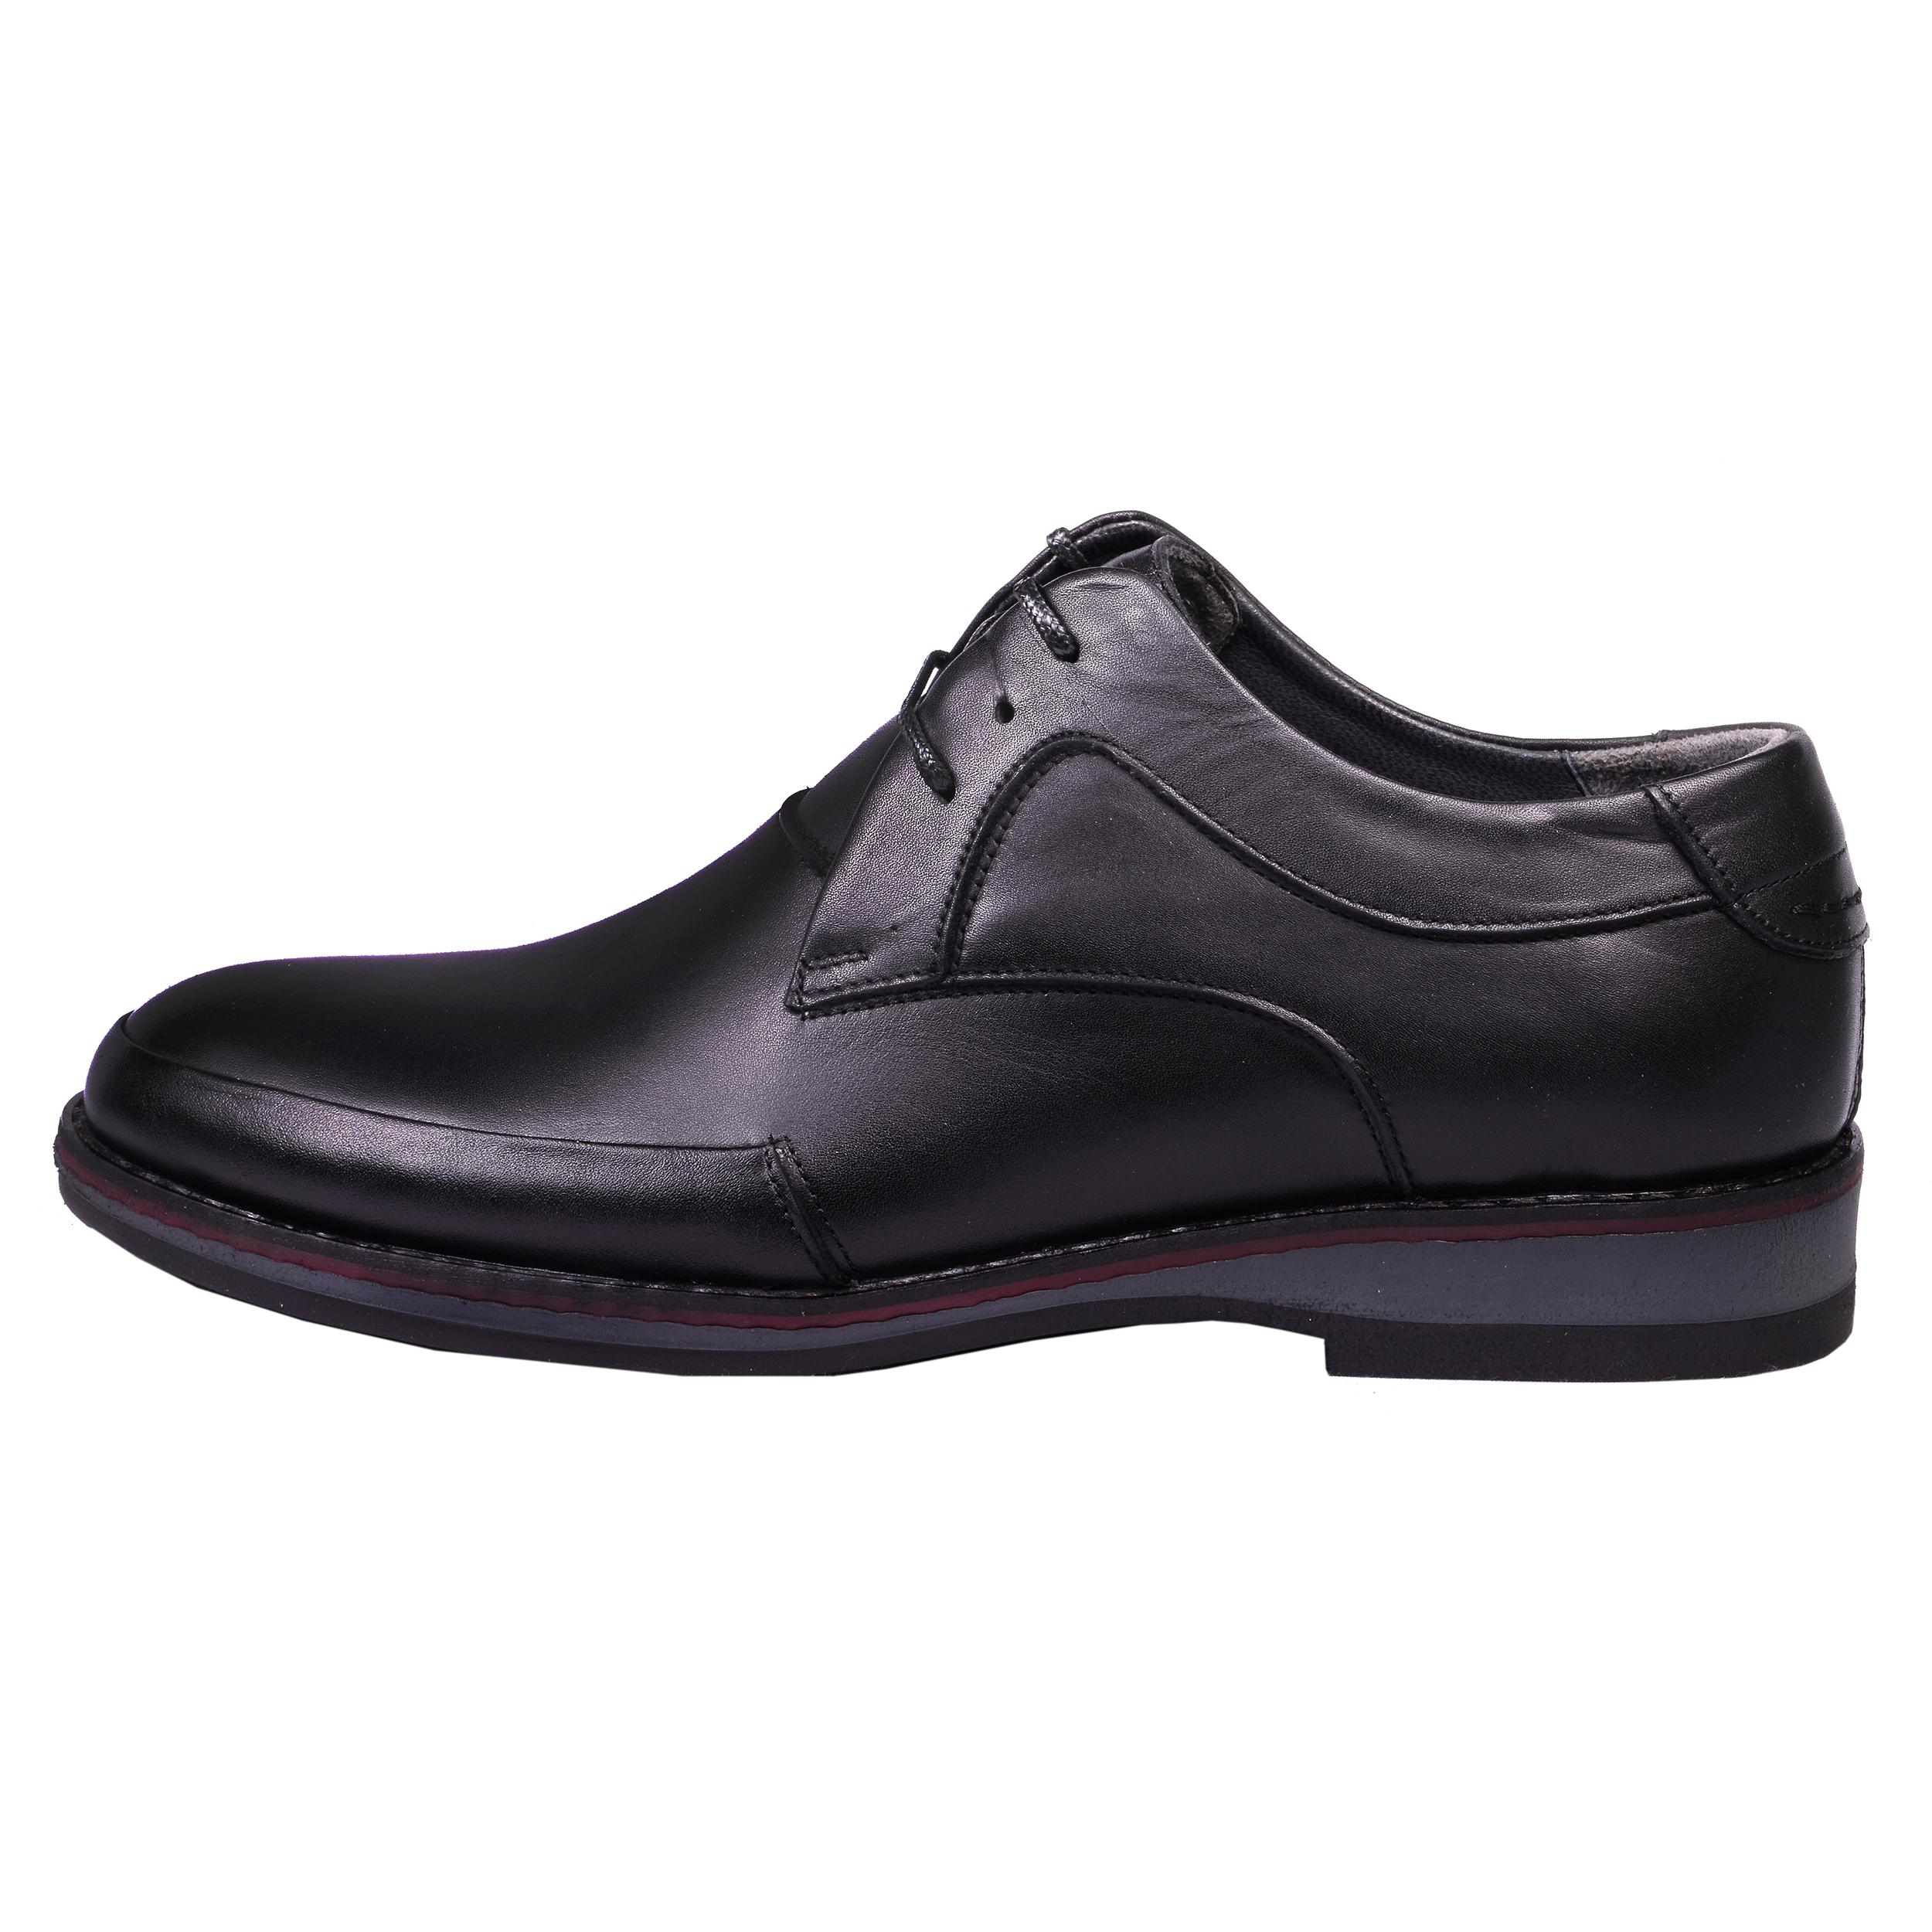 خرید کفش مردانه شاک مدل ۱۳۳۴